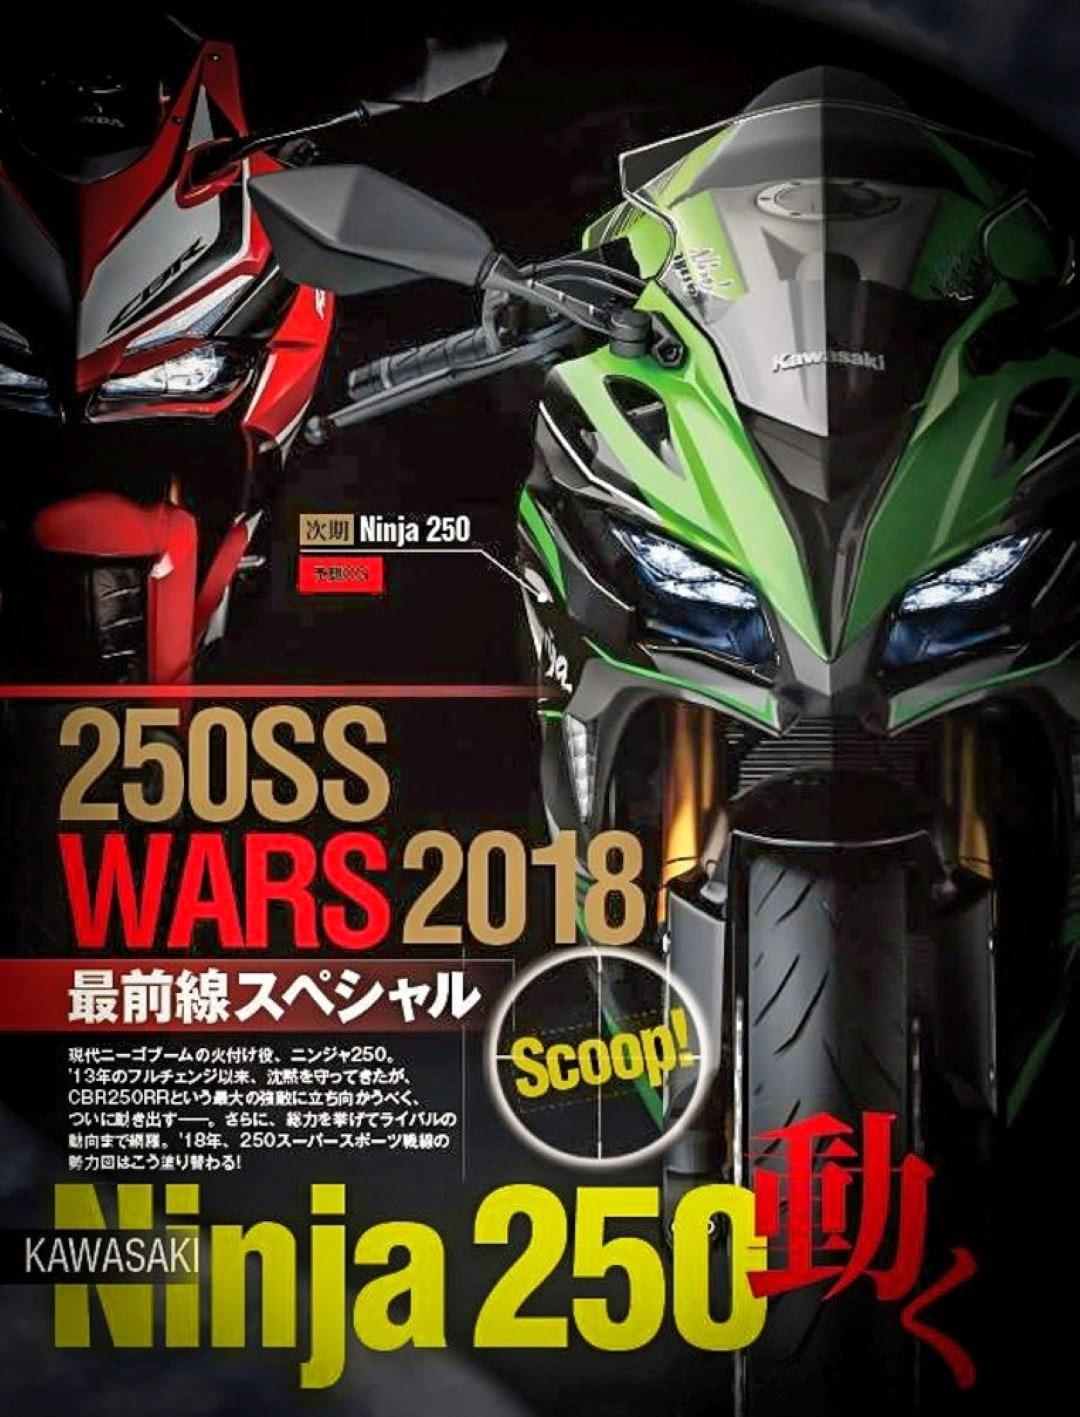 Majalah Young Machine kembali tebar prediksi, inikah sosok dari next Kawasaki Ninja 250 Facelift ?